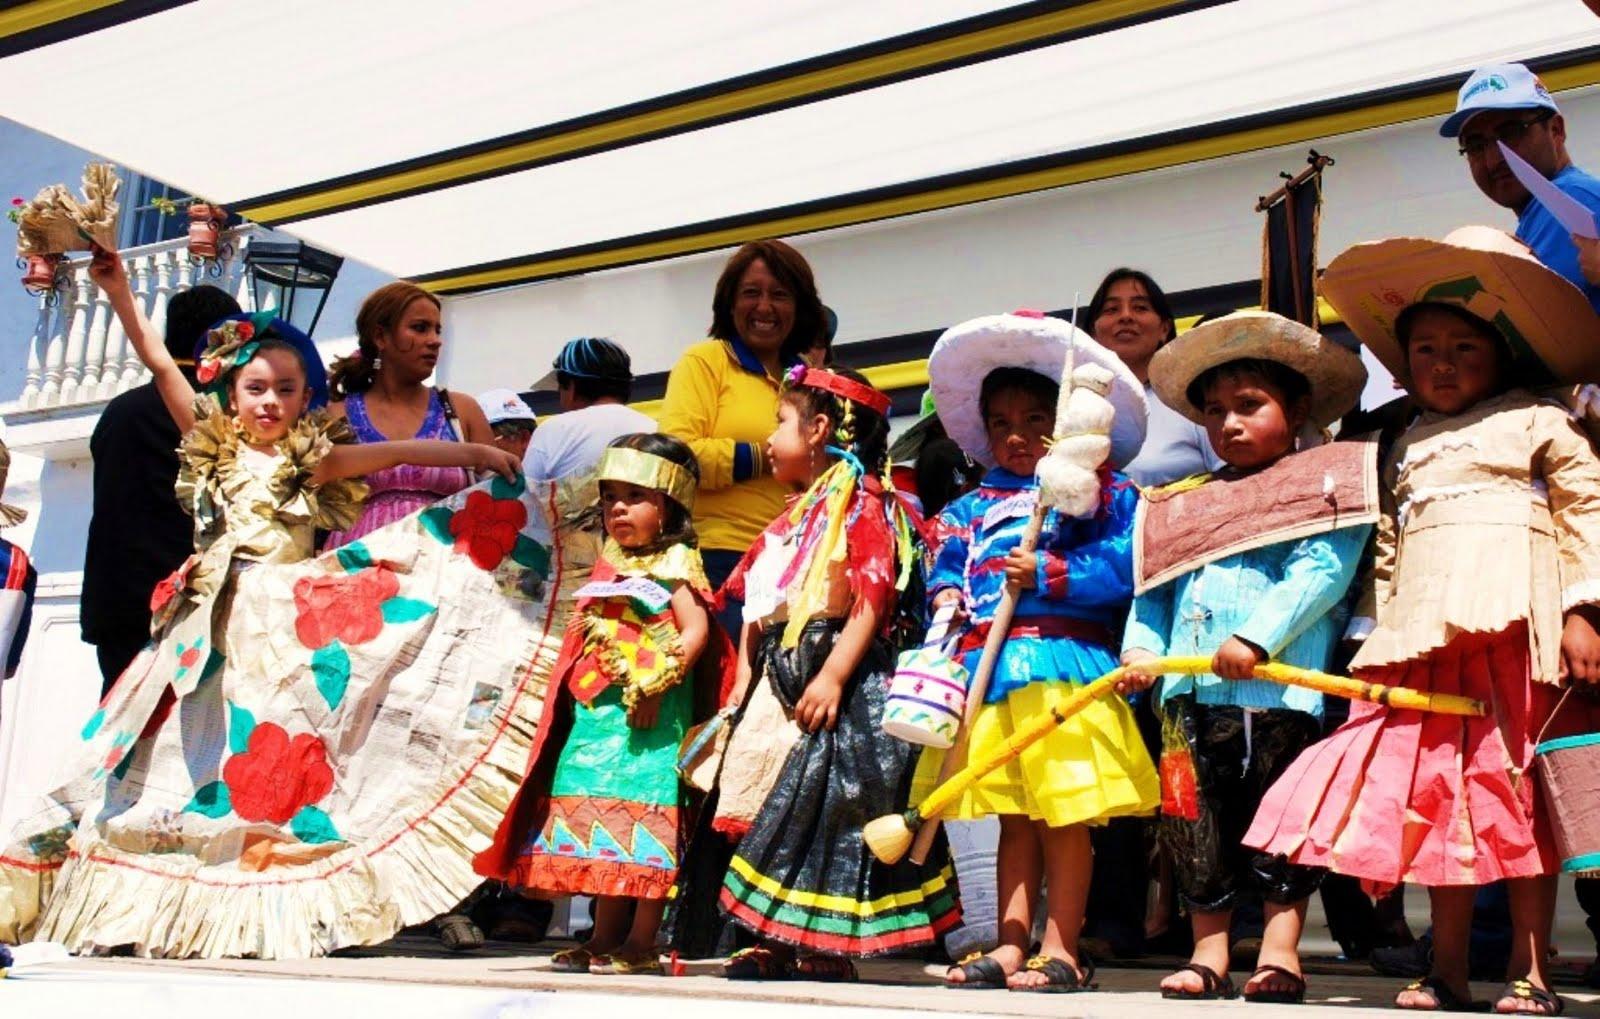 desfilan en Cajamarca con trajes elaborados con material reciclado